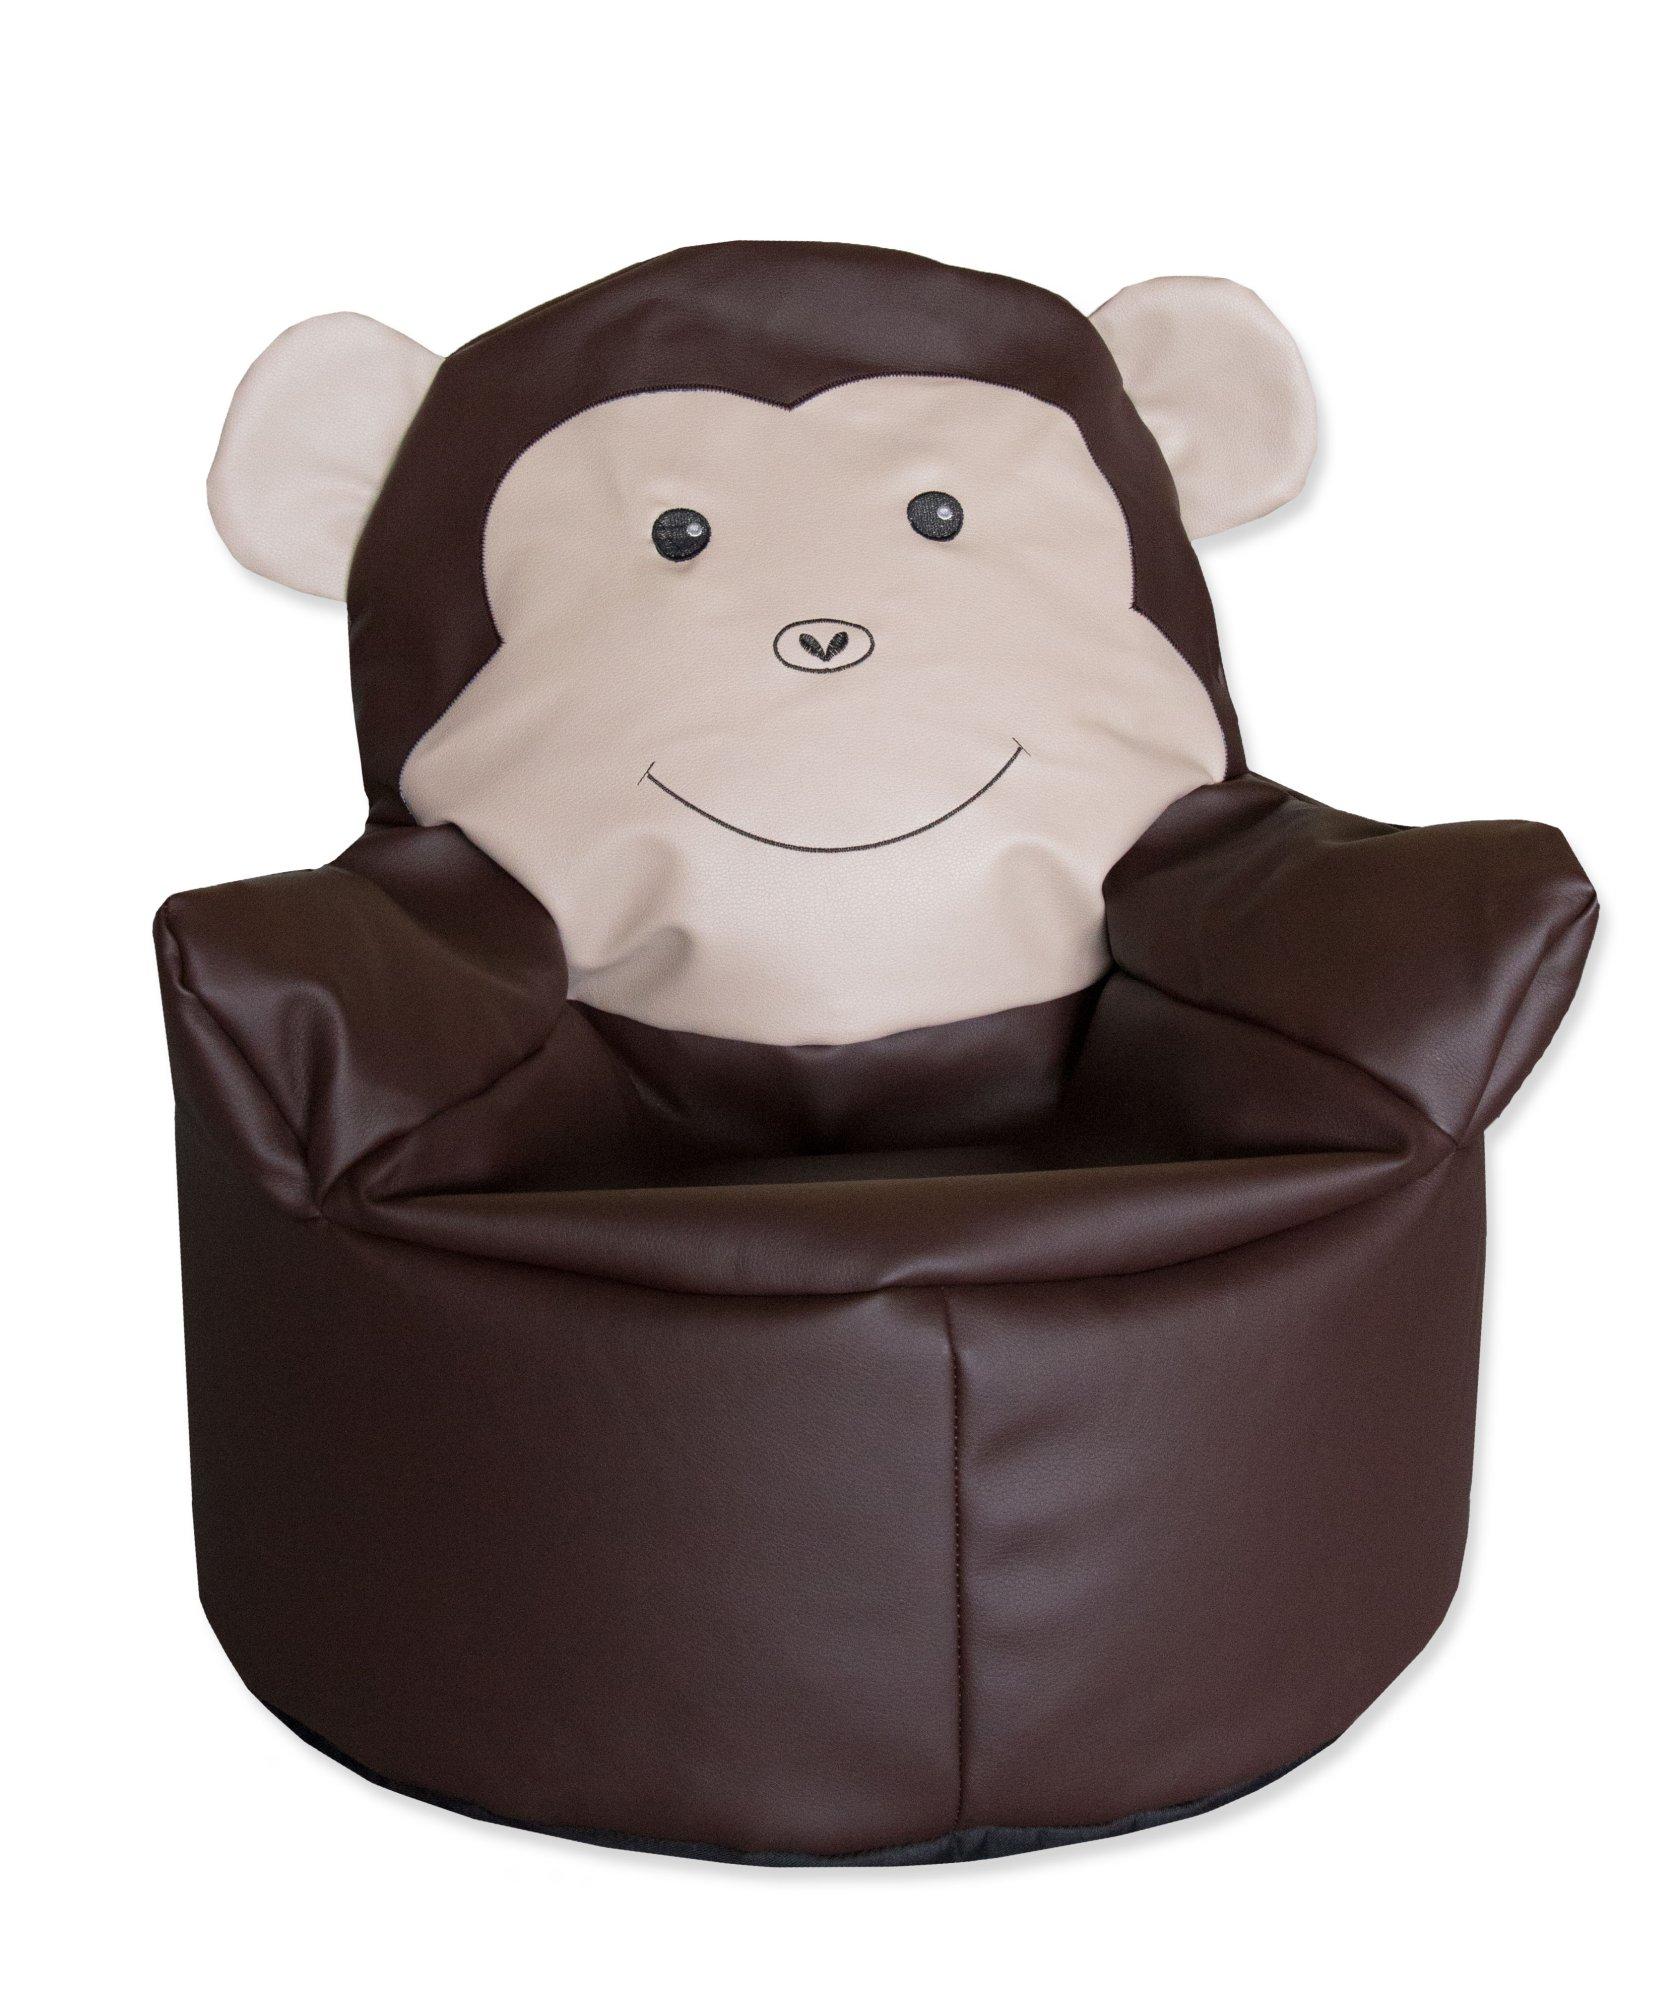 zuckers er sitzsack bezug aus strapazierf higem kunstleder f llung aus styropork gelchen. Black Bedroom Furniture Sets. Home Design Ideas